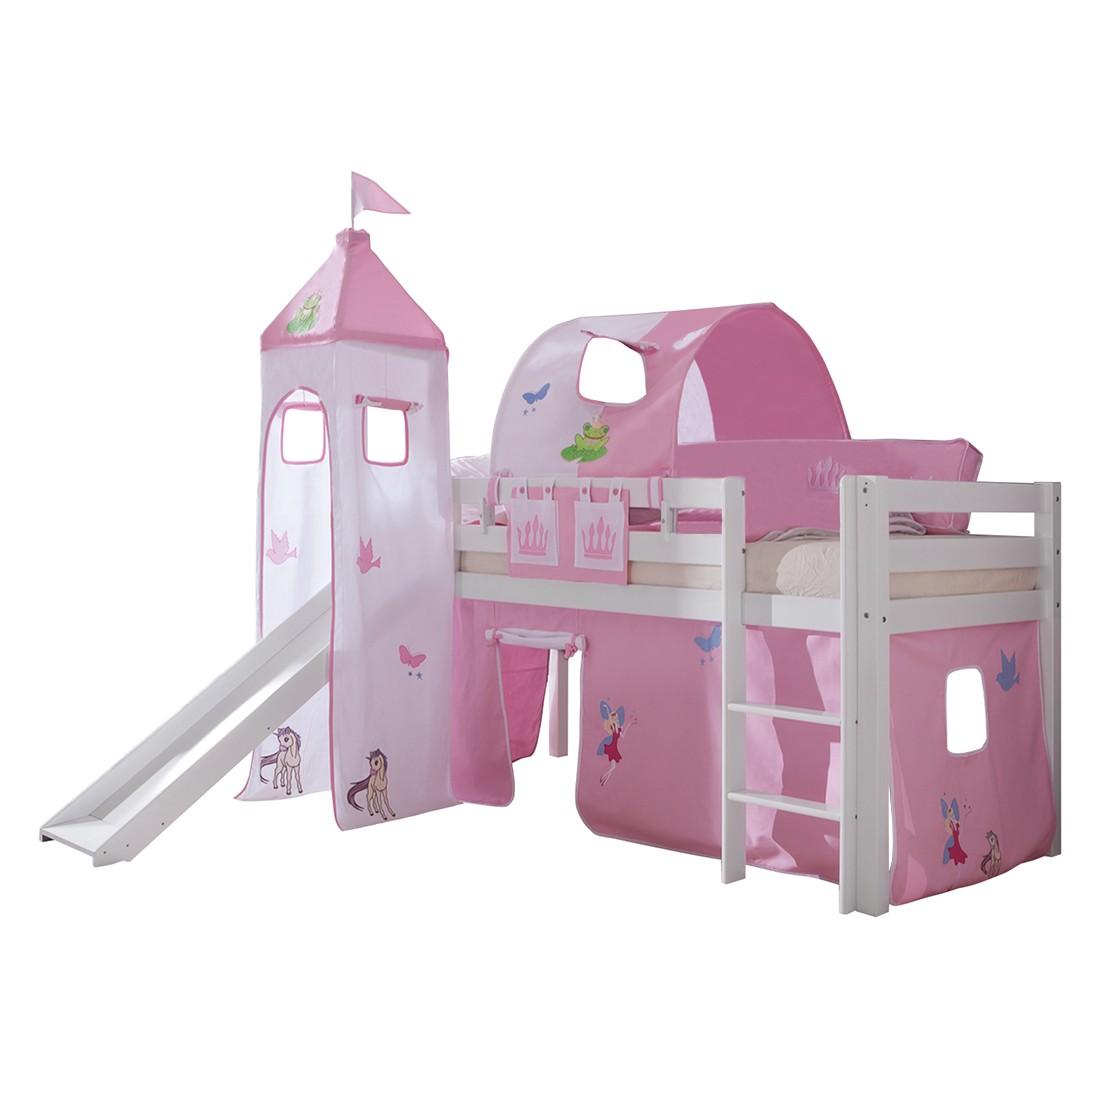 Spielbett Alex – mit Rutsche, Vorhang, Turm, 1-er Tunnel und Tasche -Buche weiß/Textil Princess, Relita online bestellen